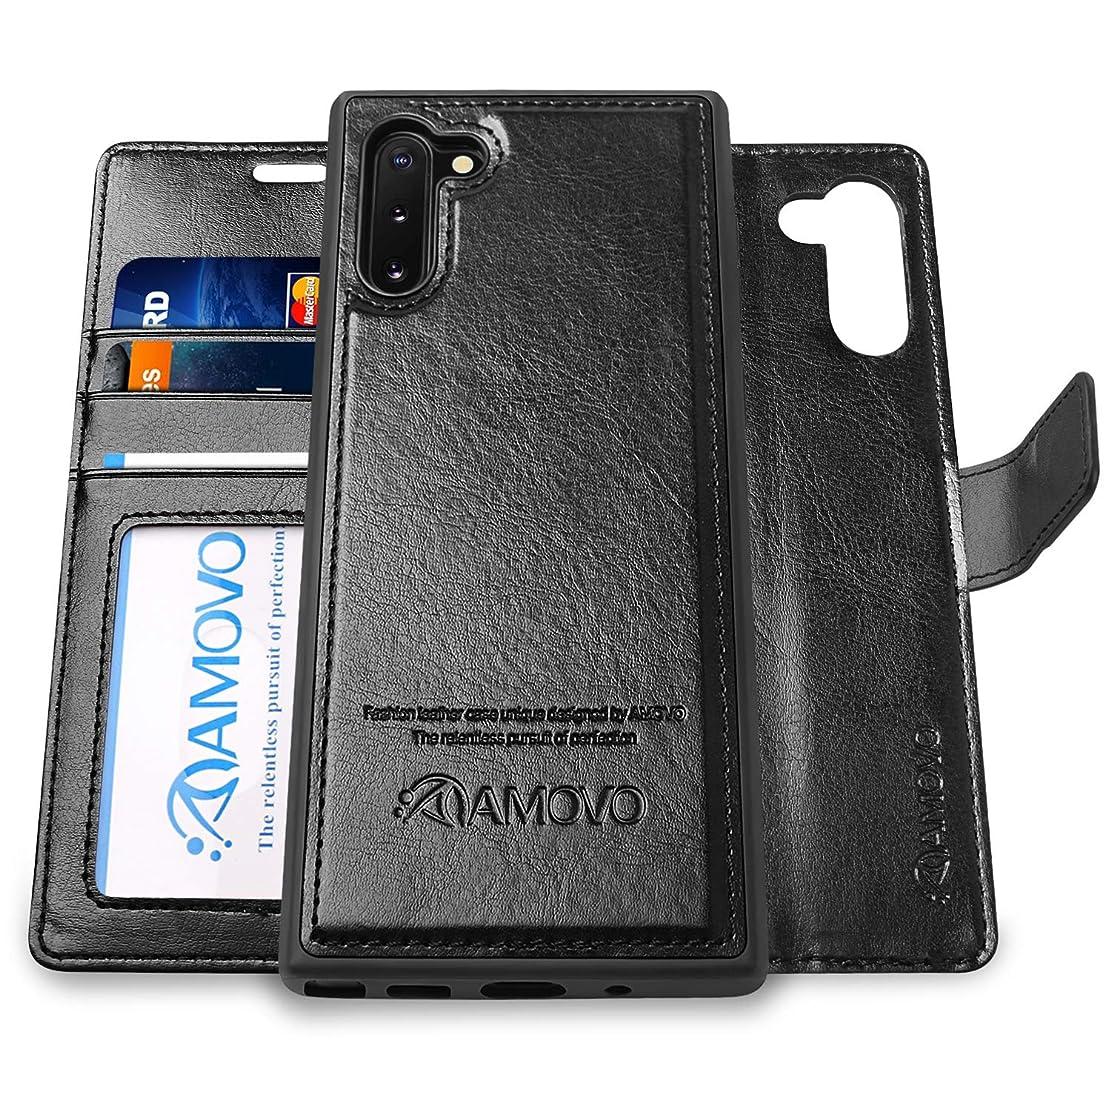 リマ矢じりオートAMOVO Galaxy Note 10+ ケース 手帳型 SC-01M SCV45 分離式 取り外し自由 ワイヤレス充電に対応 Galaxy Note 10 Plus ケース カード収納 横開き スタンド機能 ギャラクシー ノート10+ 手帳ケース (Galaxy Note 10+, 黒い)